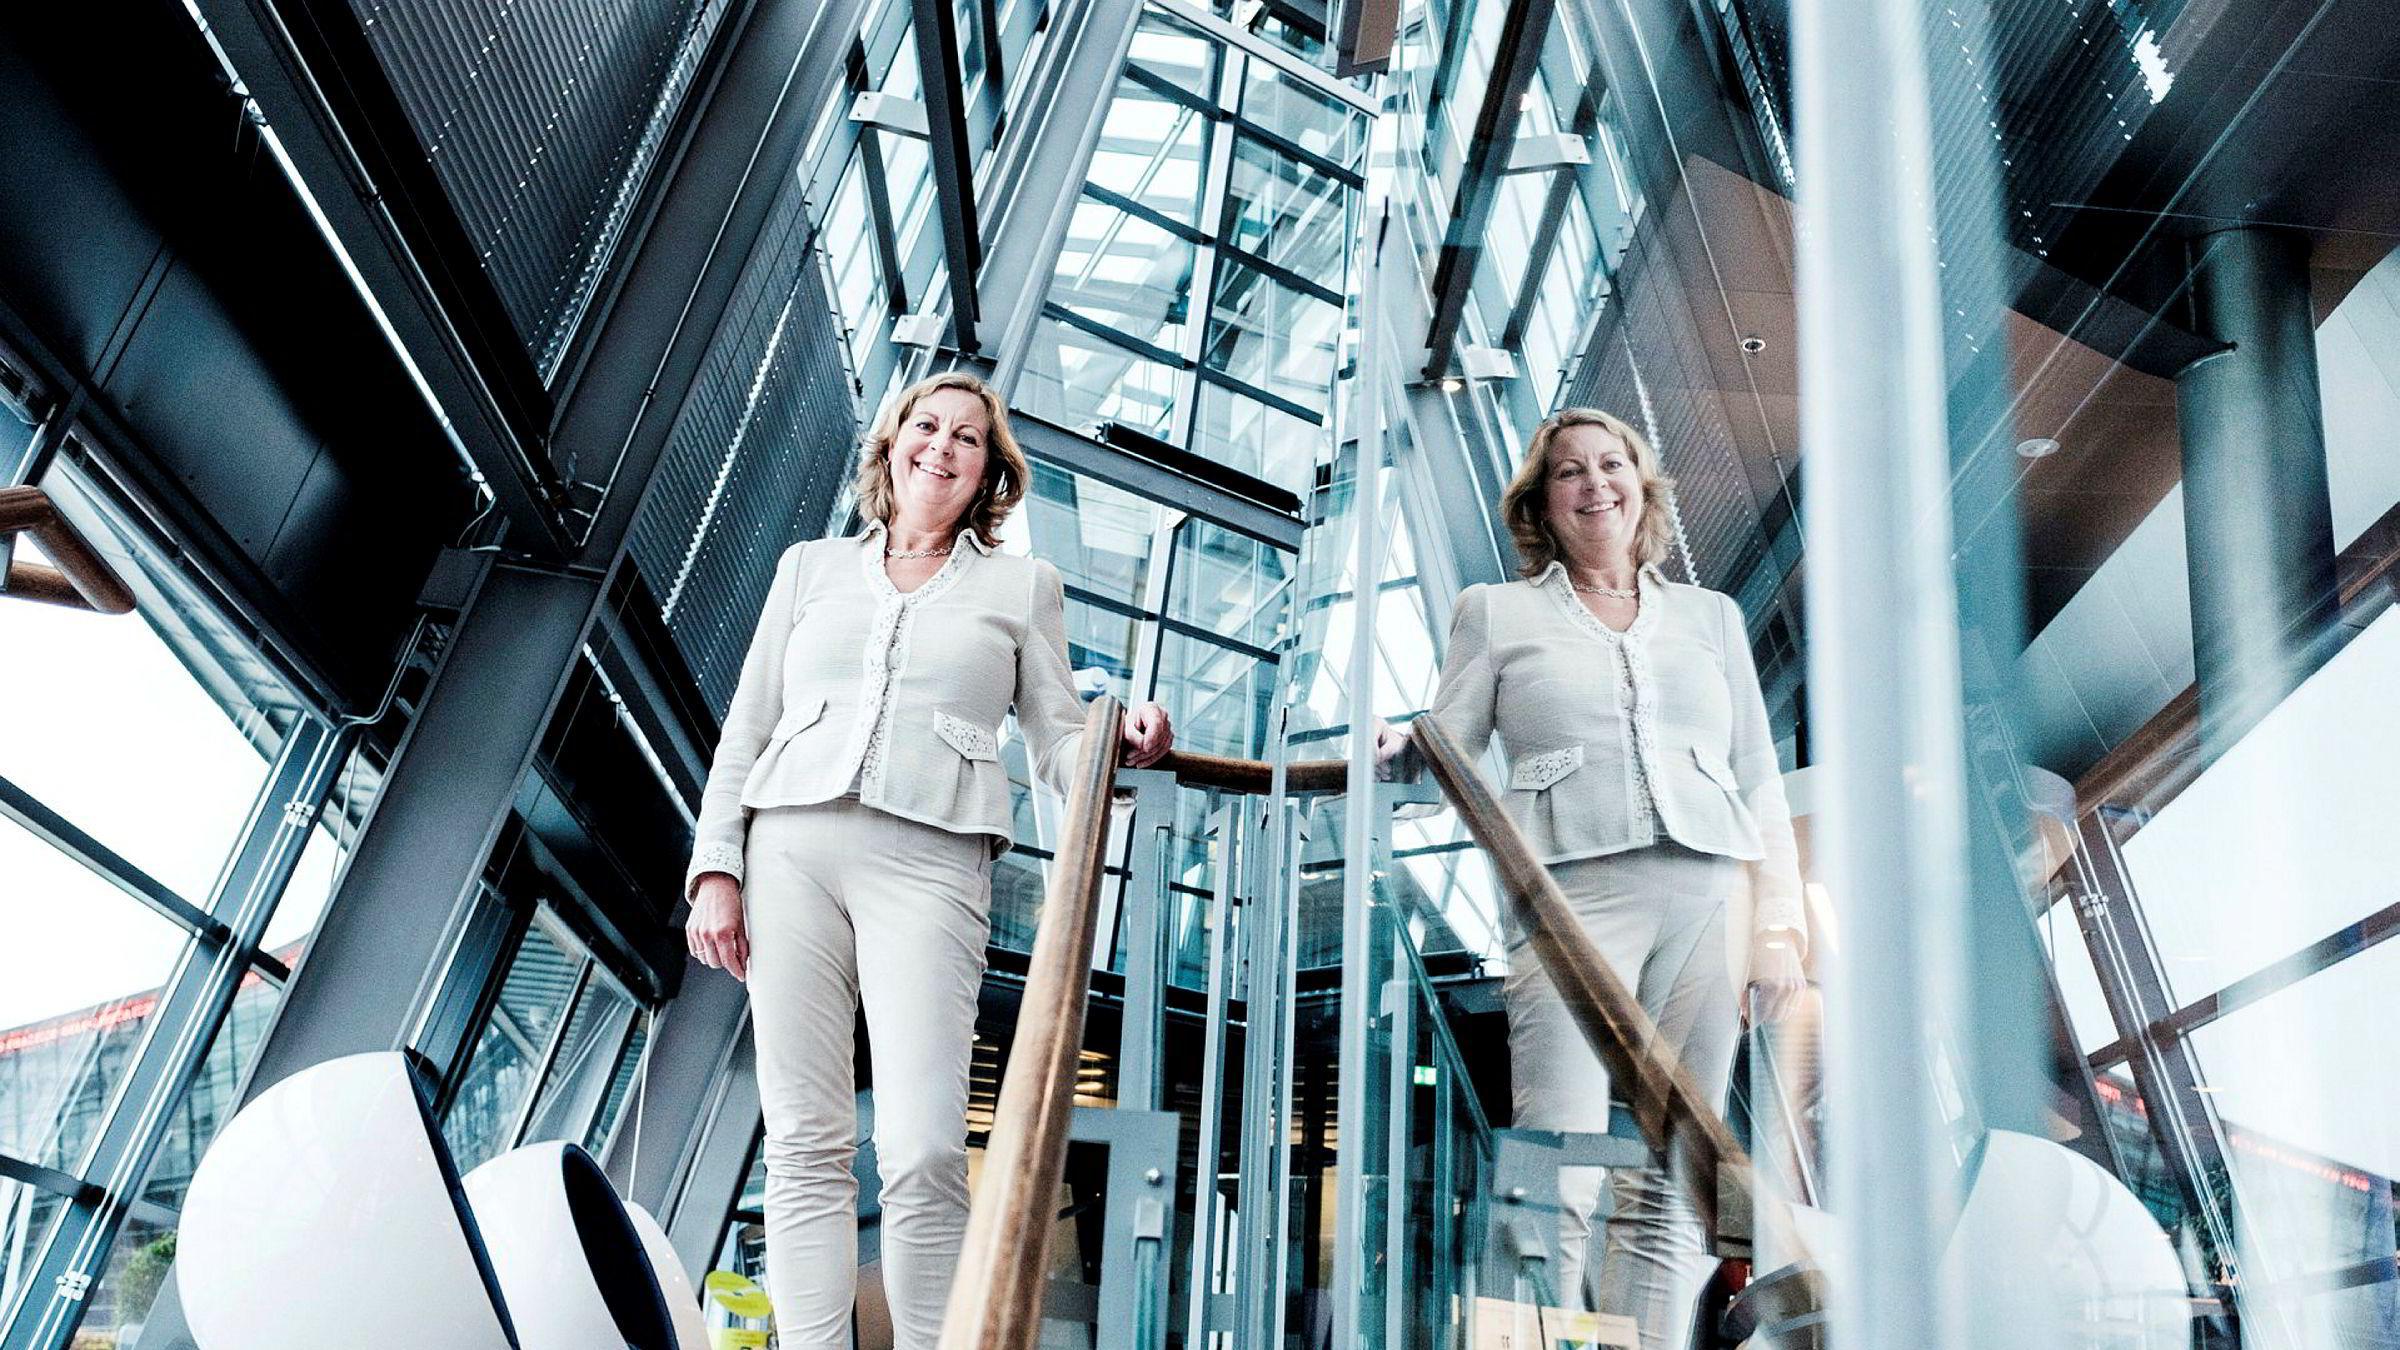 Telenor Norge-sjef Berit Svendsen sier det ligger en betydelig verdi i å ha det raskeste mobilnettet.